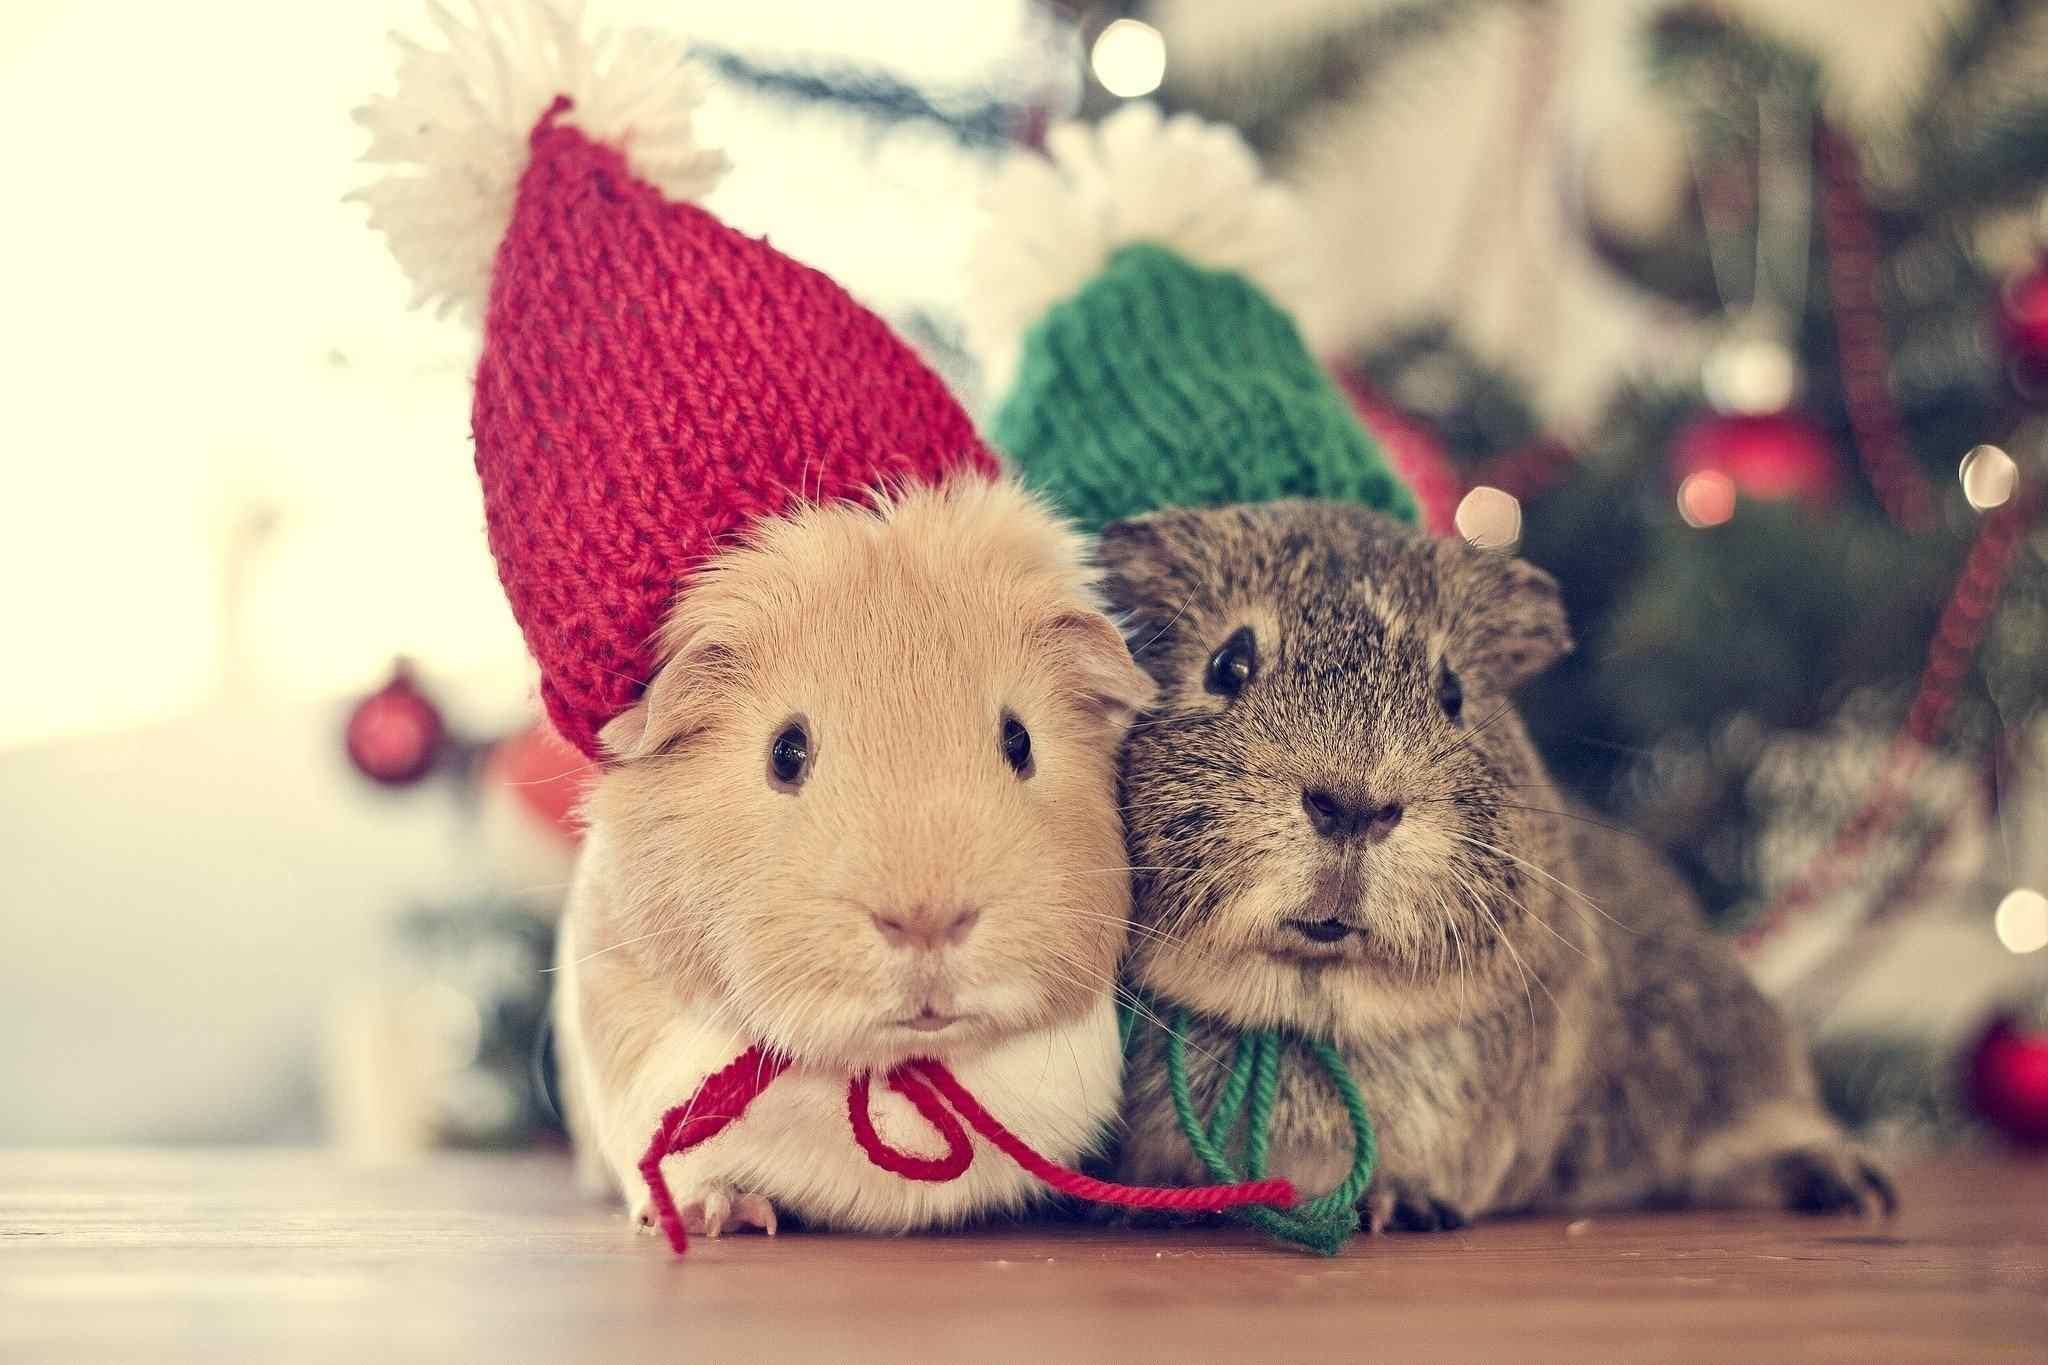 hamsters wearing winter hats